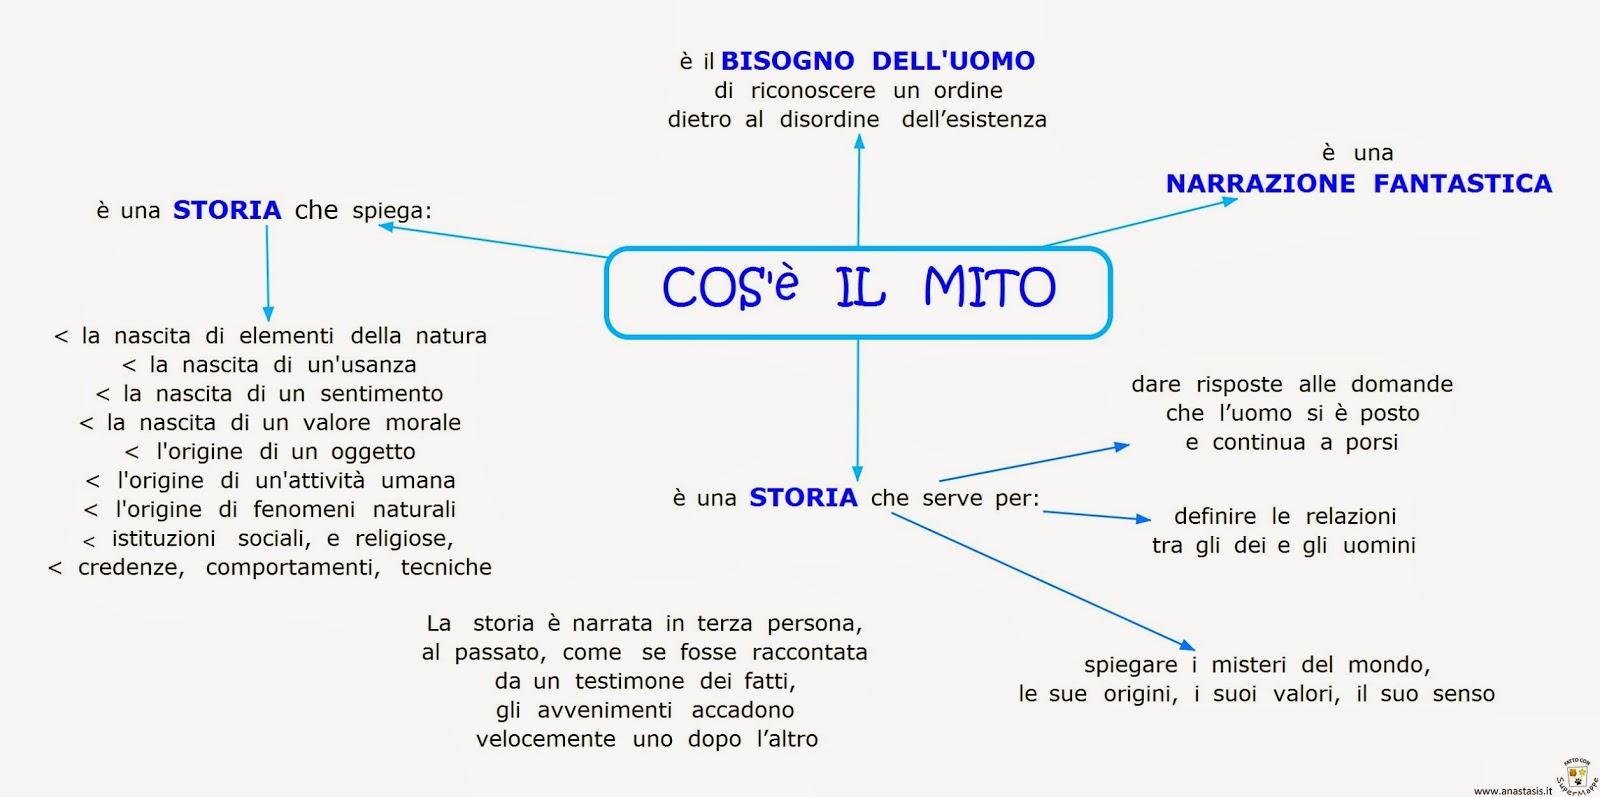 Elenco mappe concettuali del mito e schemi per scuola primaria ... b79c3429c662